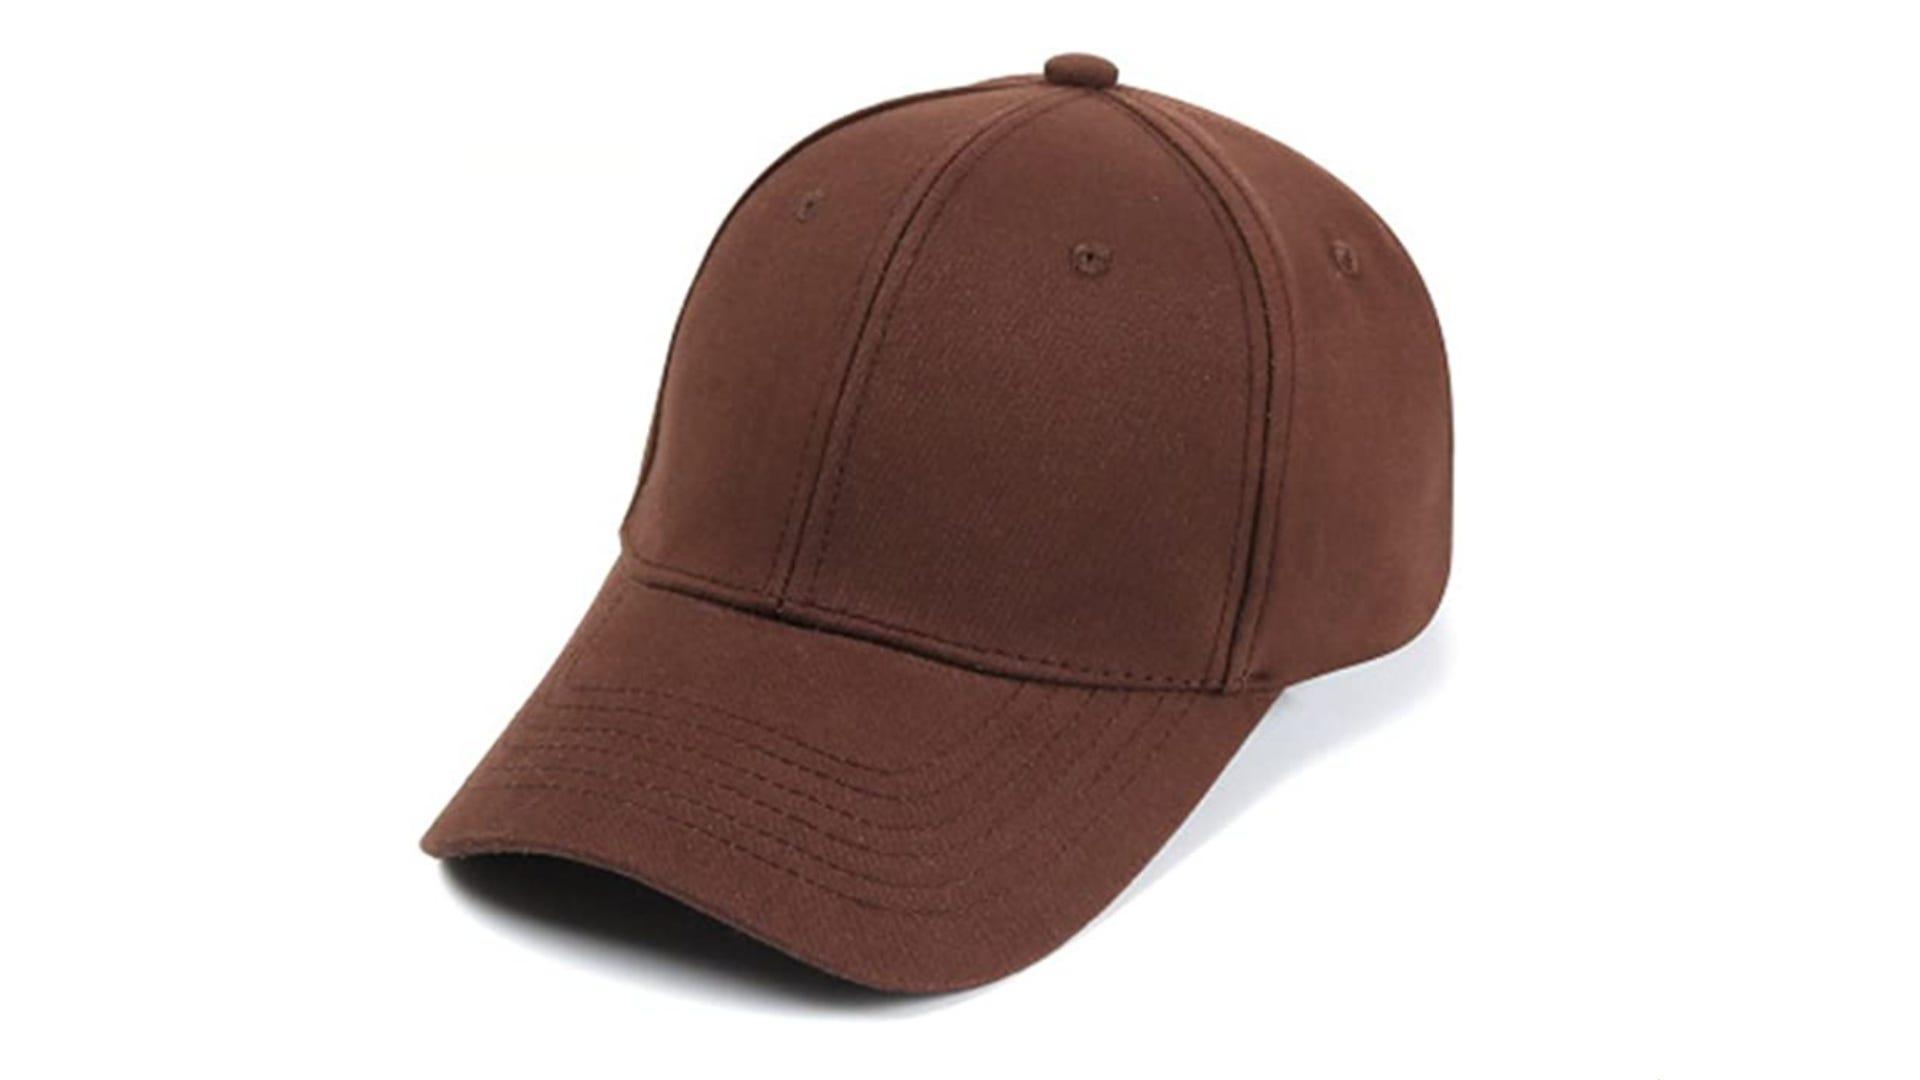 A brown trucker hat.